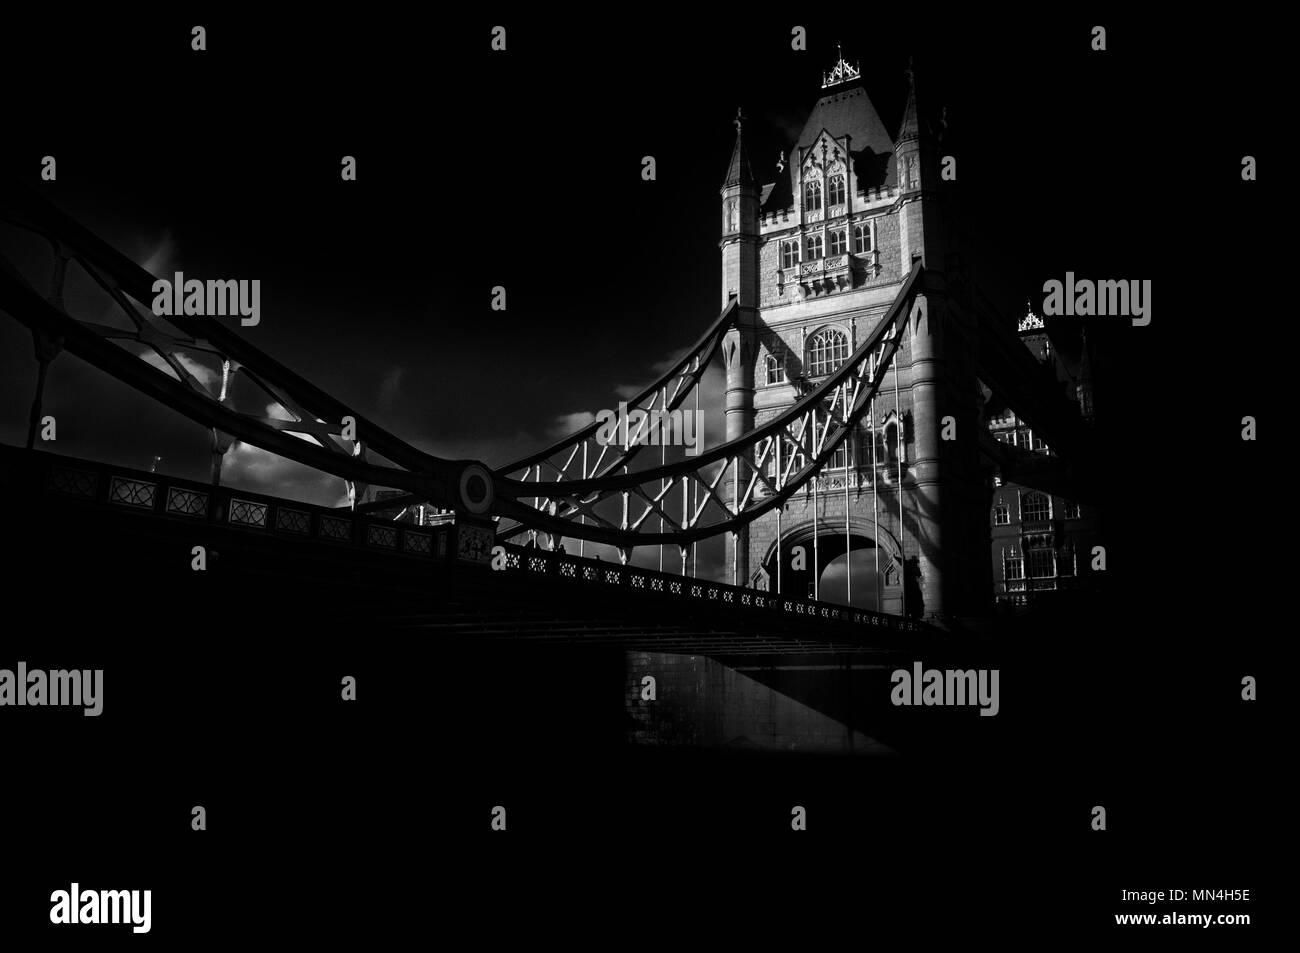 Tower Bridge, Londres. Fine art photographie monochrome de l'un des plus célèbres monuments et immédiatement reconnaissable dans le monde. Photo Stock